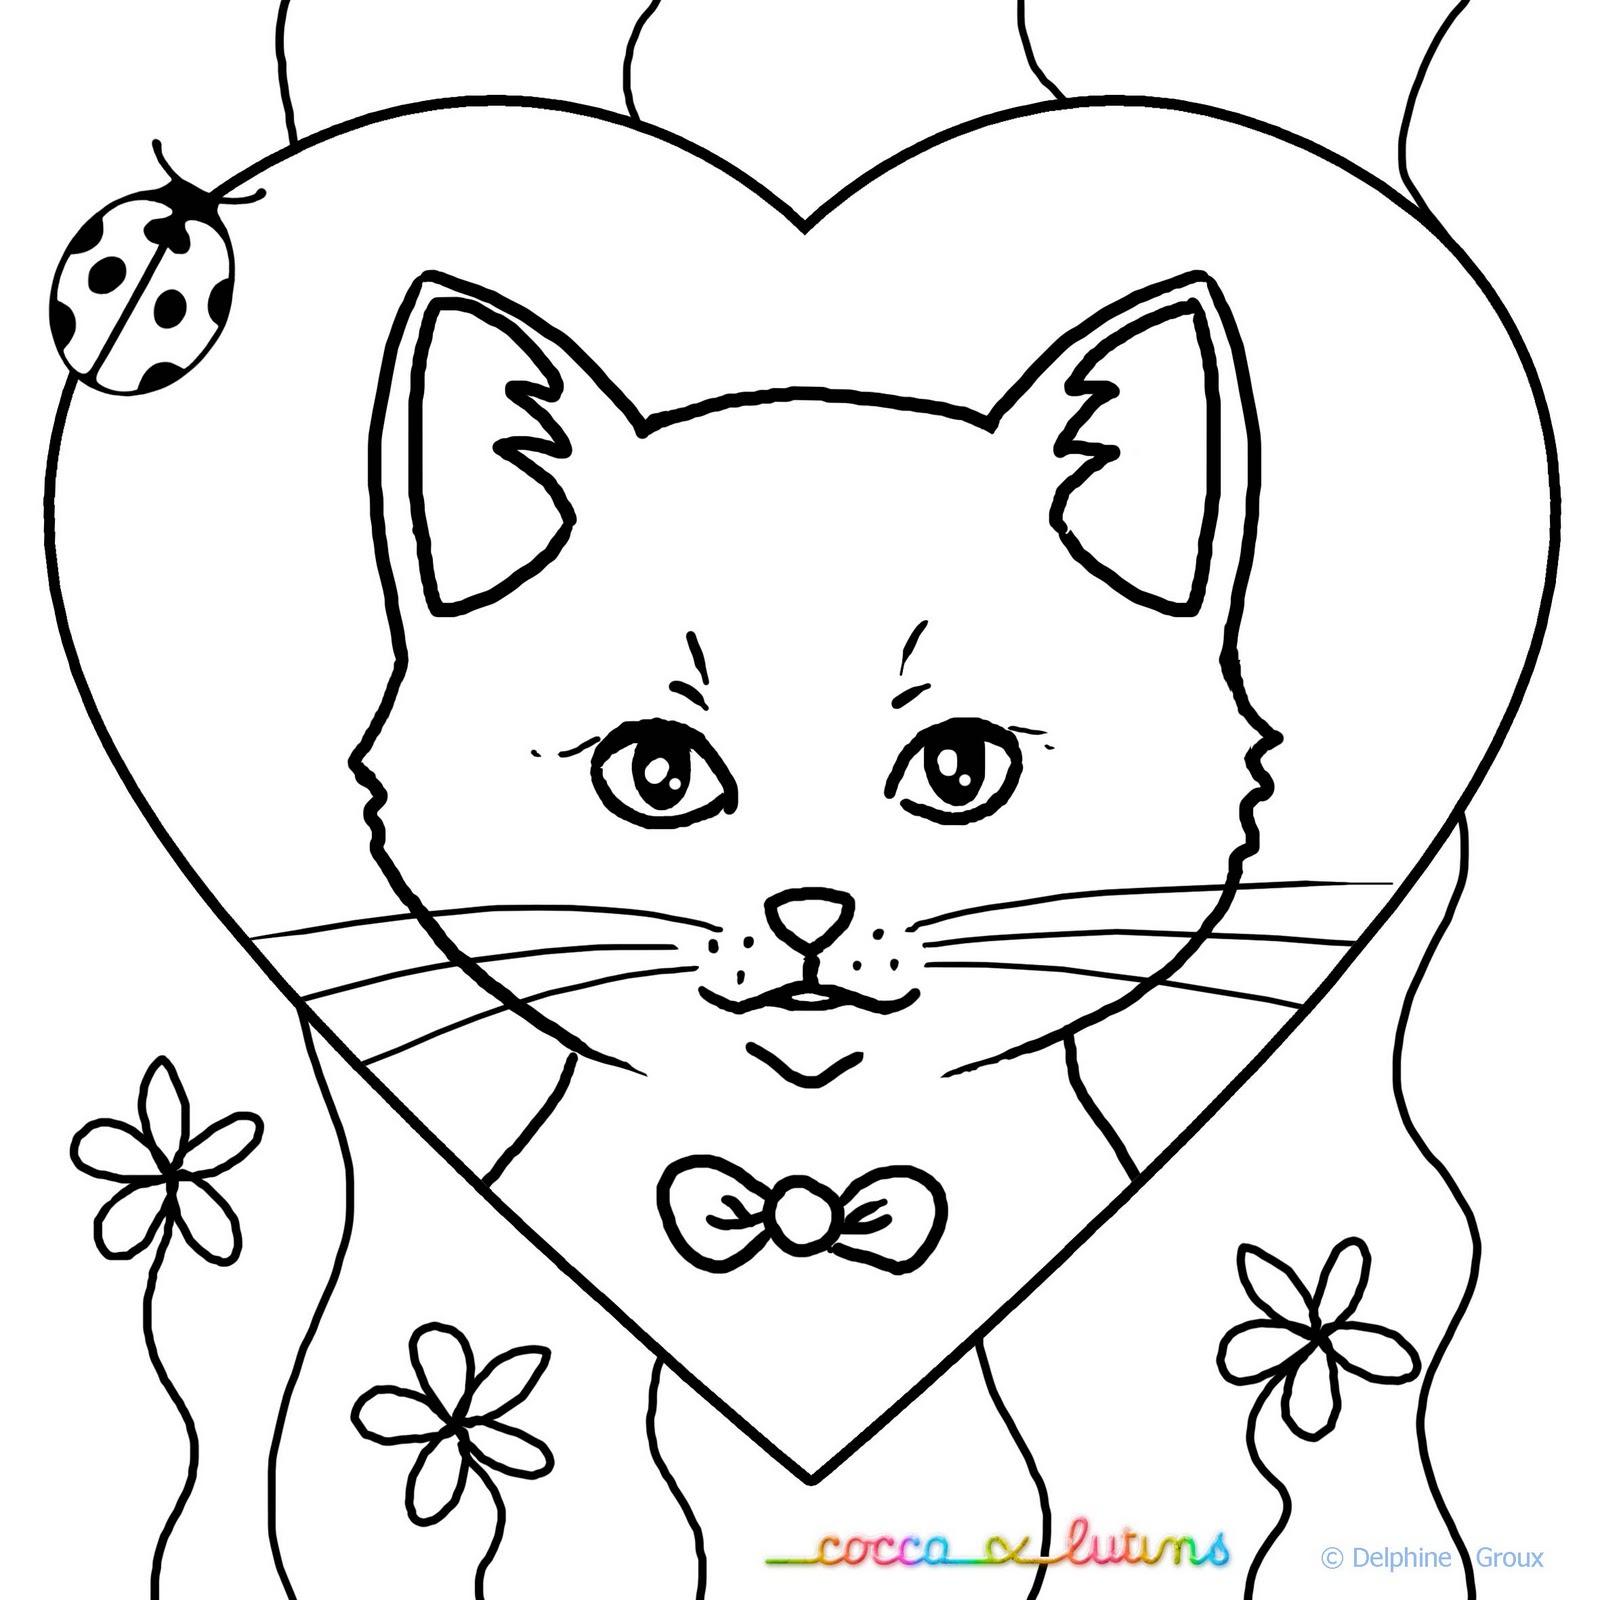 Coloriage  imprimer Animaux Chat numéro